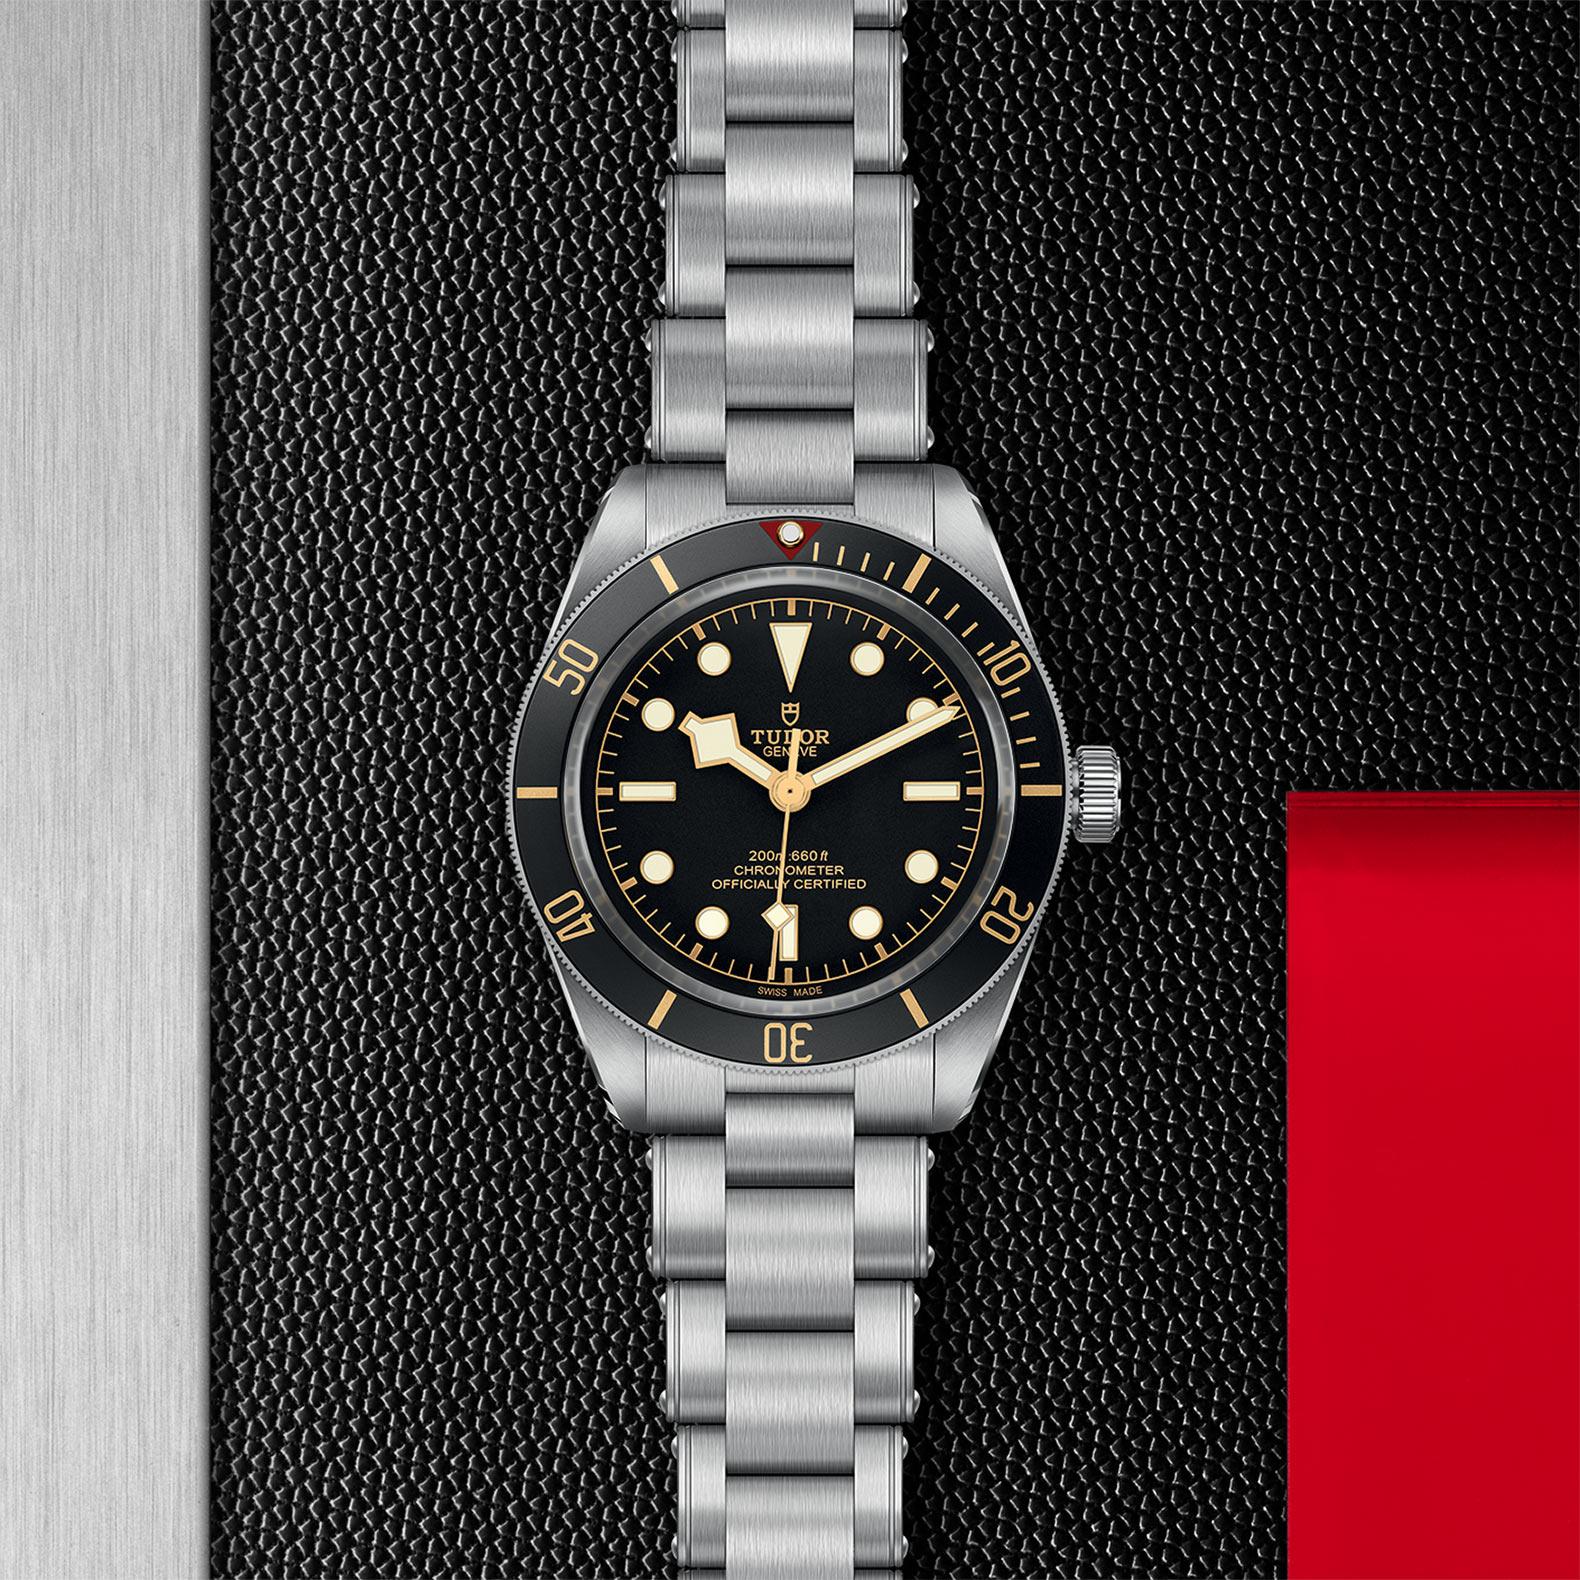 TUDOR Black Bay Fifty-Eight - M79030N-0001